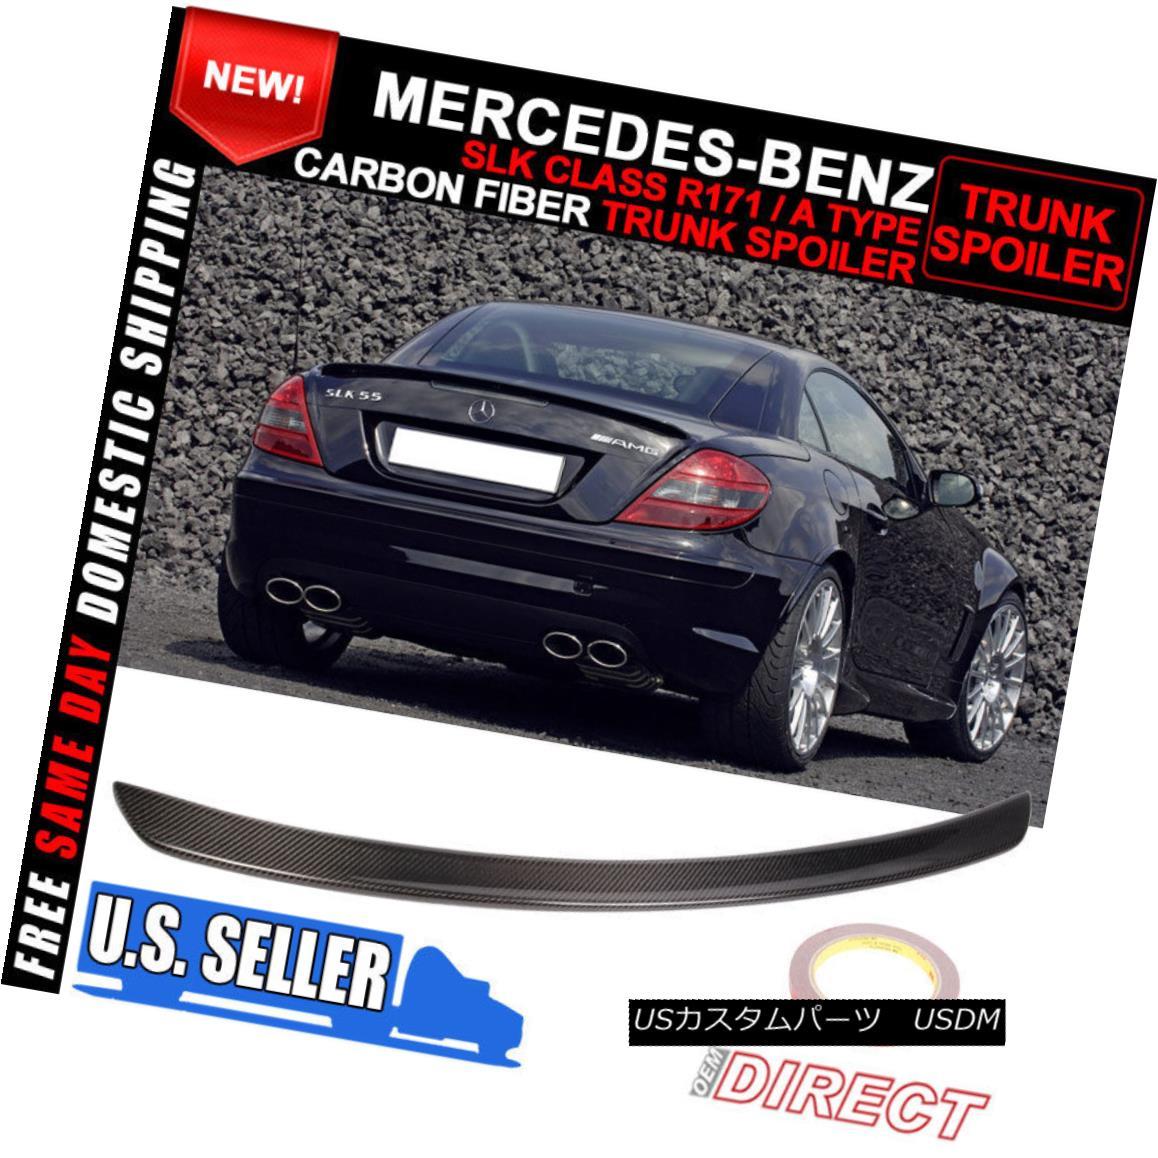 エアロパーツ Fit 05-10 Benz SLK-Class R171 A Type Rear Boot Trunk Spoiler Wing Carbon Fiber フィット05-10ベンツSLKクラスR171 A型リアブーツトランクスポイラーウィングカーボンファイバー